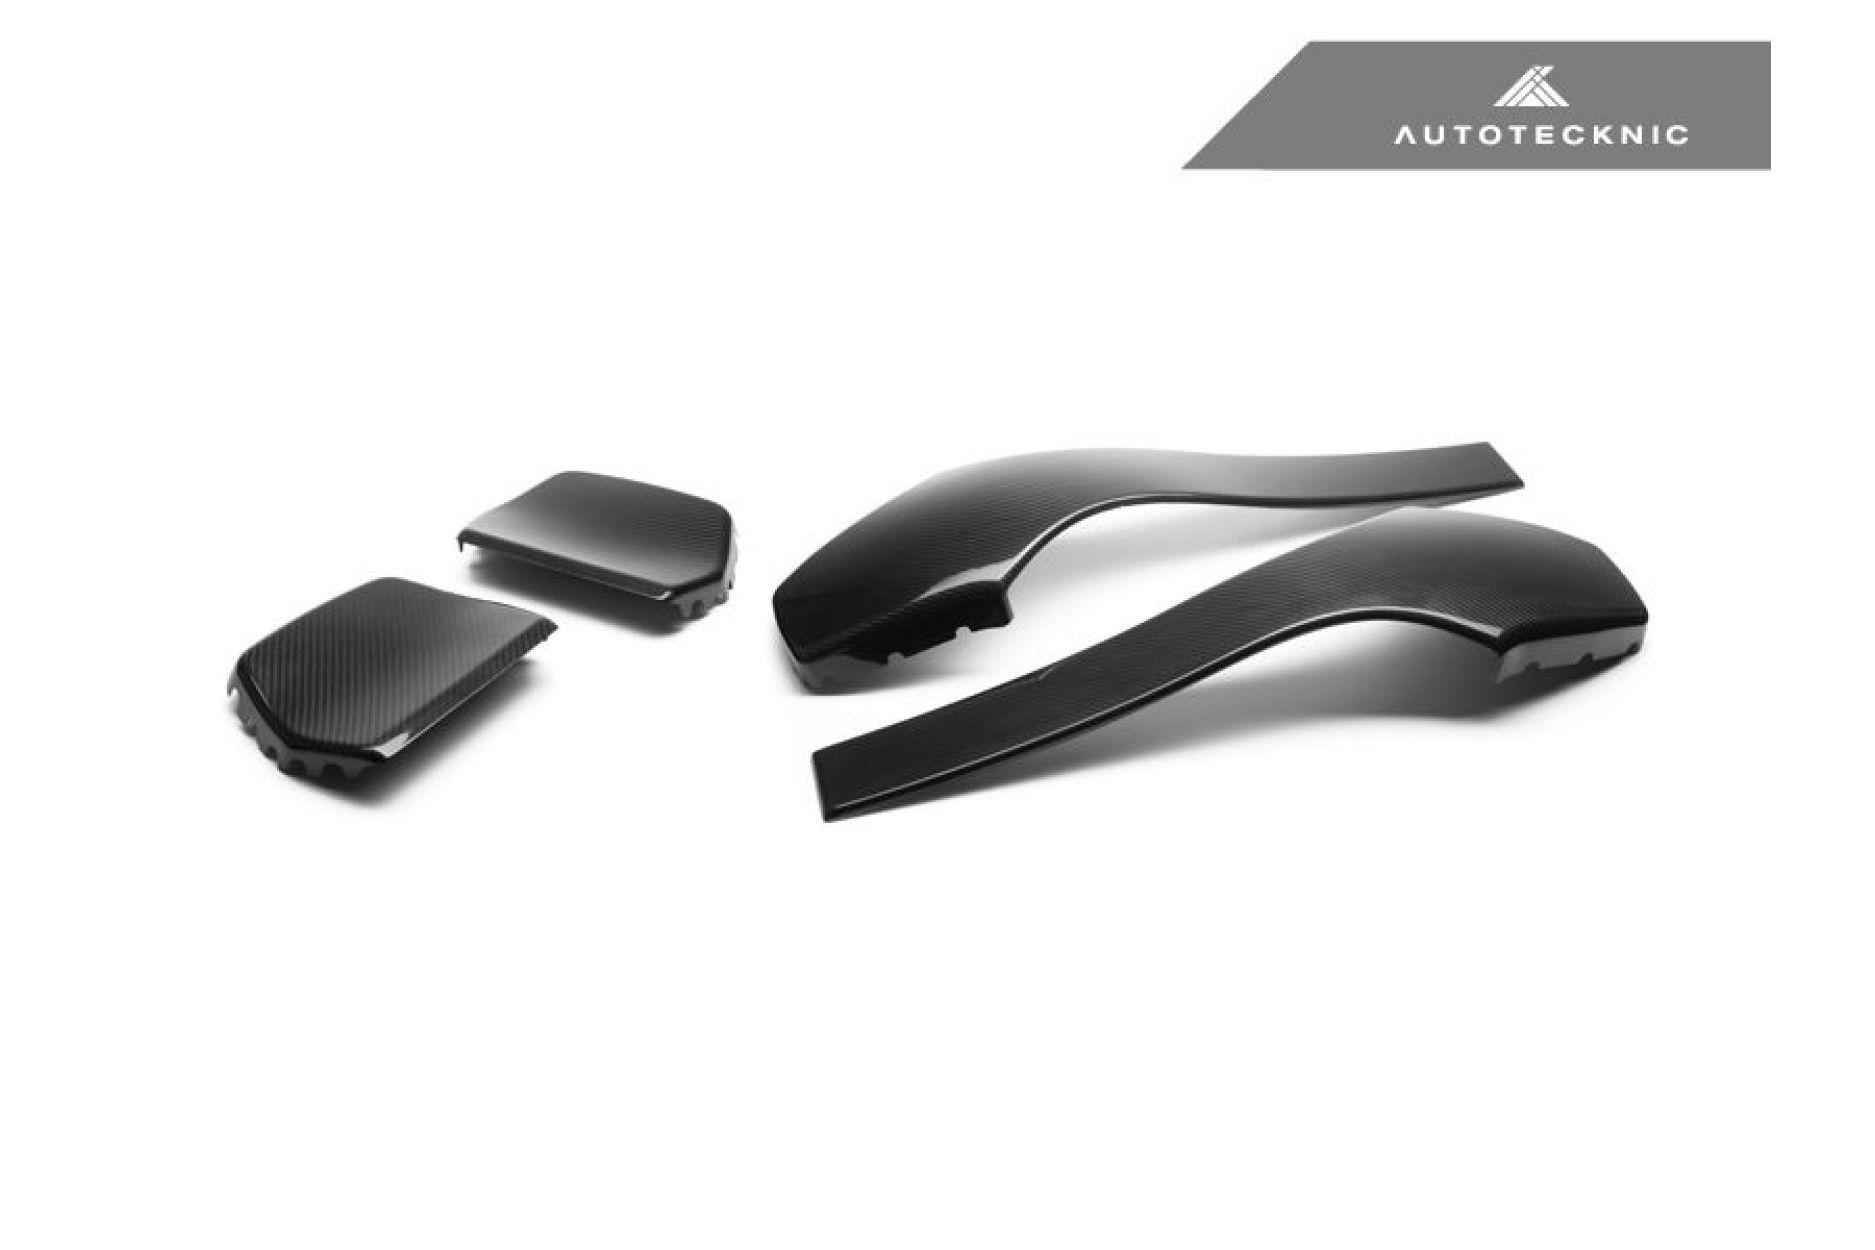 AutoTecknic Carbon Sitzcover - F80 M3 | F82 M4